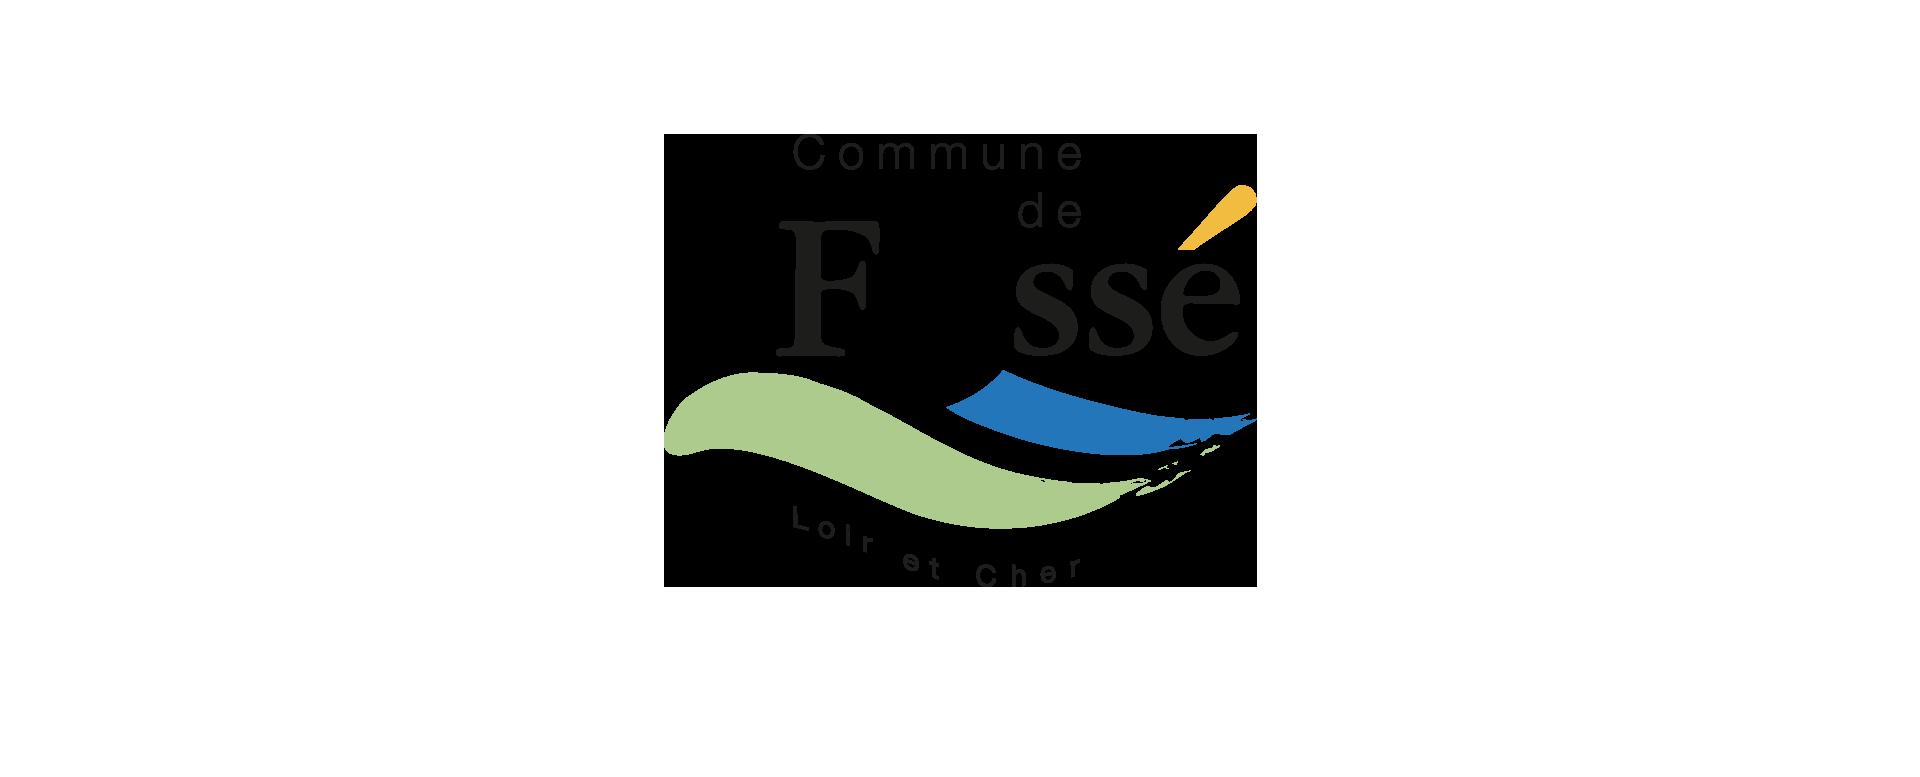 commune de Fossé Loir-et-Cher